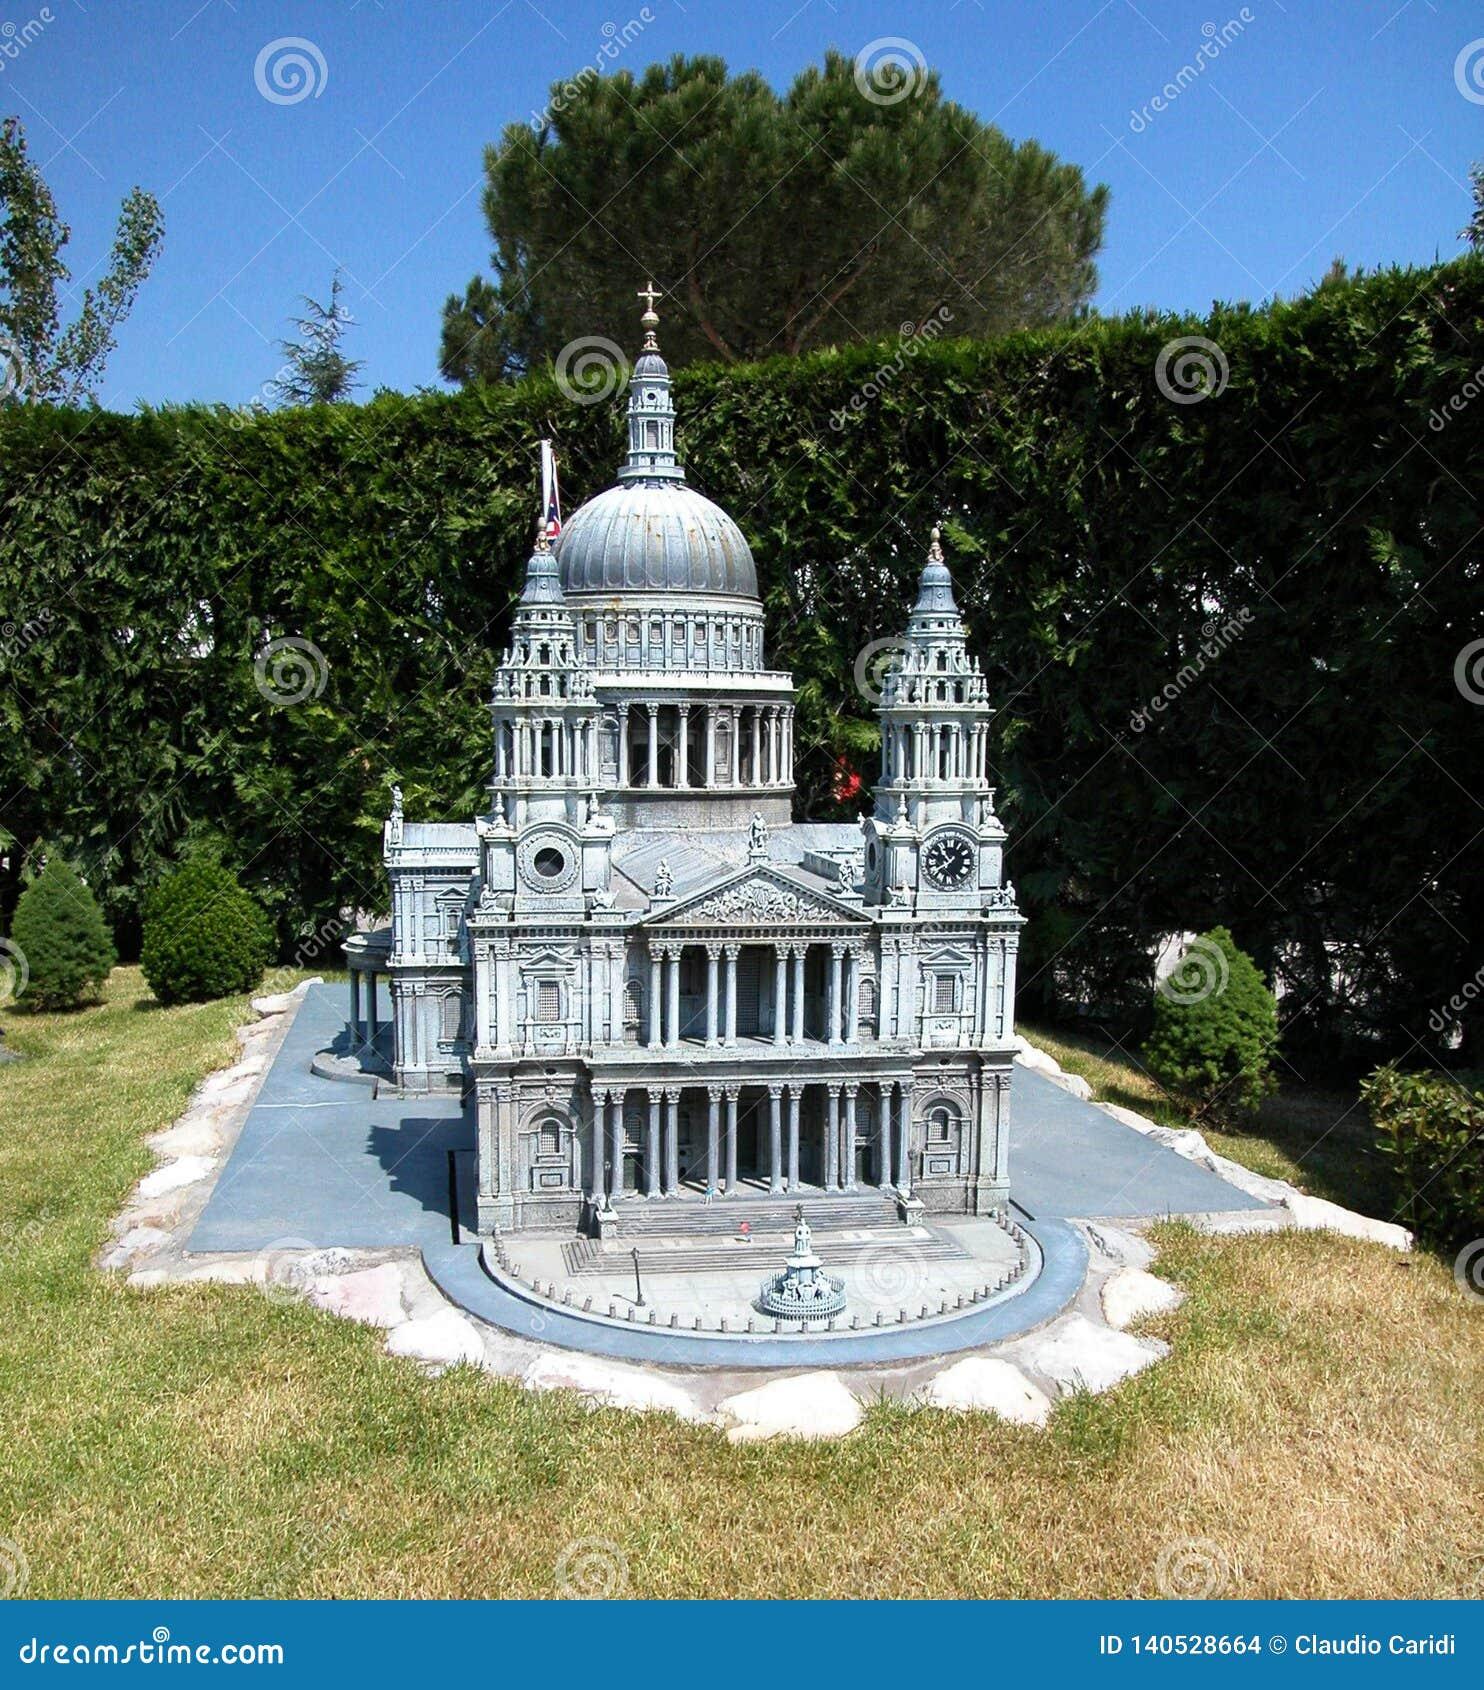 Katedra Saint Paul w parku tematycznym «Włochy w miniaturowym «Italia w miniaturze Viserba, Rimini, Włochy